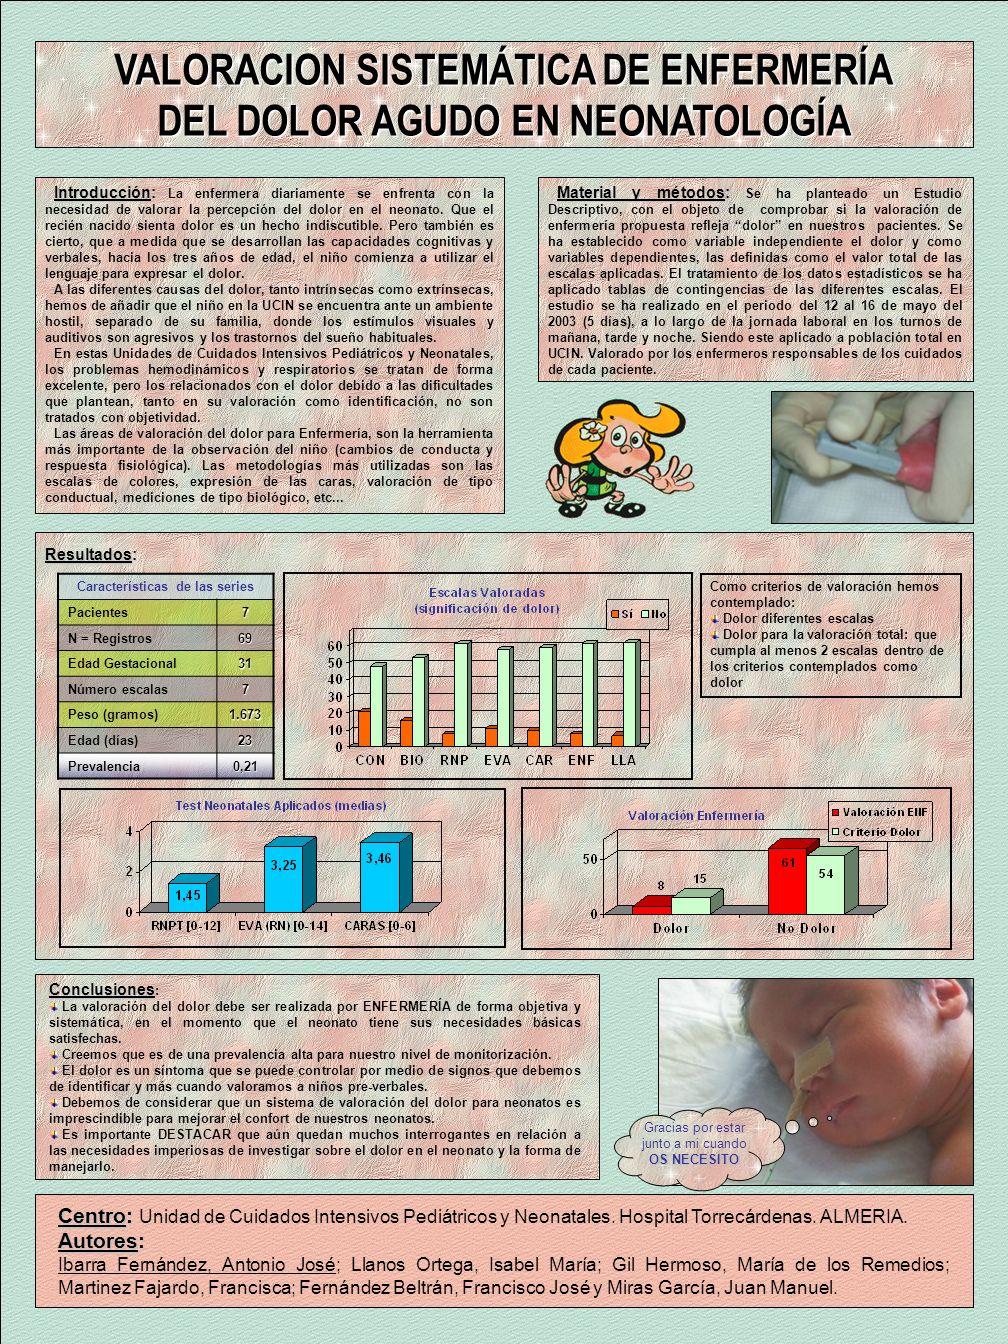 VALORACION SISTEMÁTICA DE ENFERMERÍA DEL DOLOR AGUDO EN NEONATOLOGÍA Introducción: Introducción: La enfermera diariamente se enfrenta con la necesidad